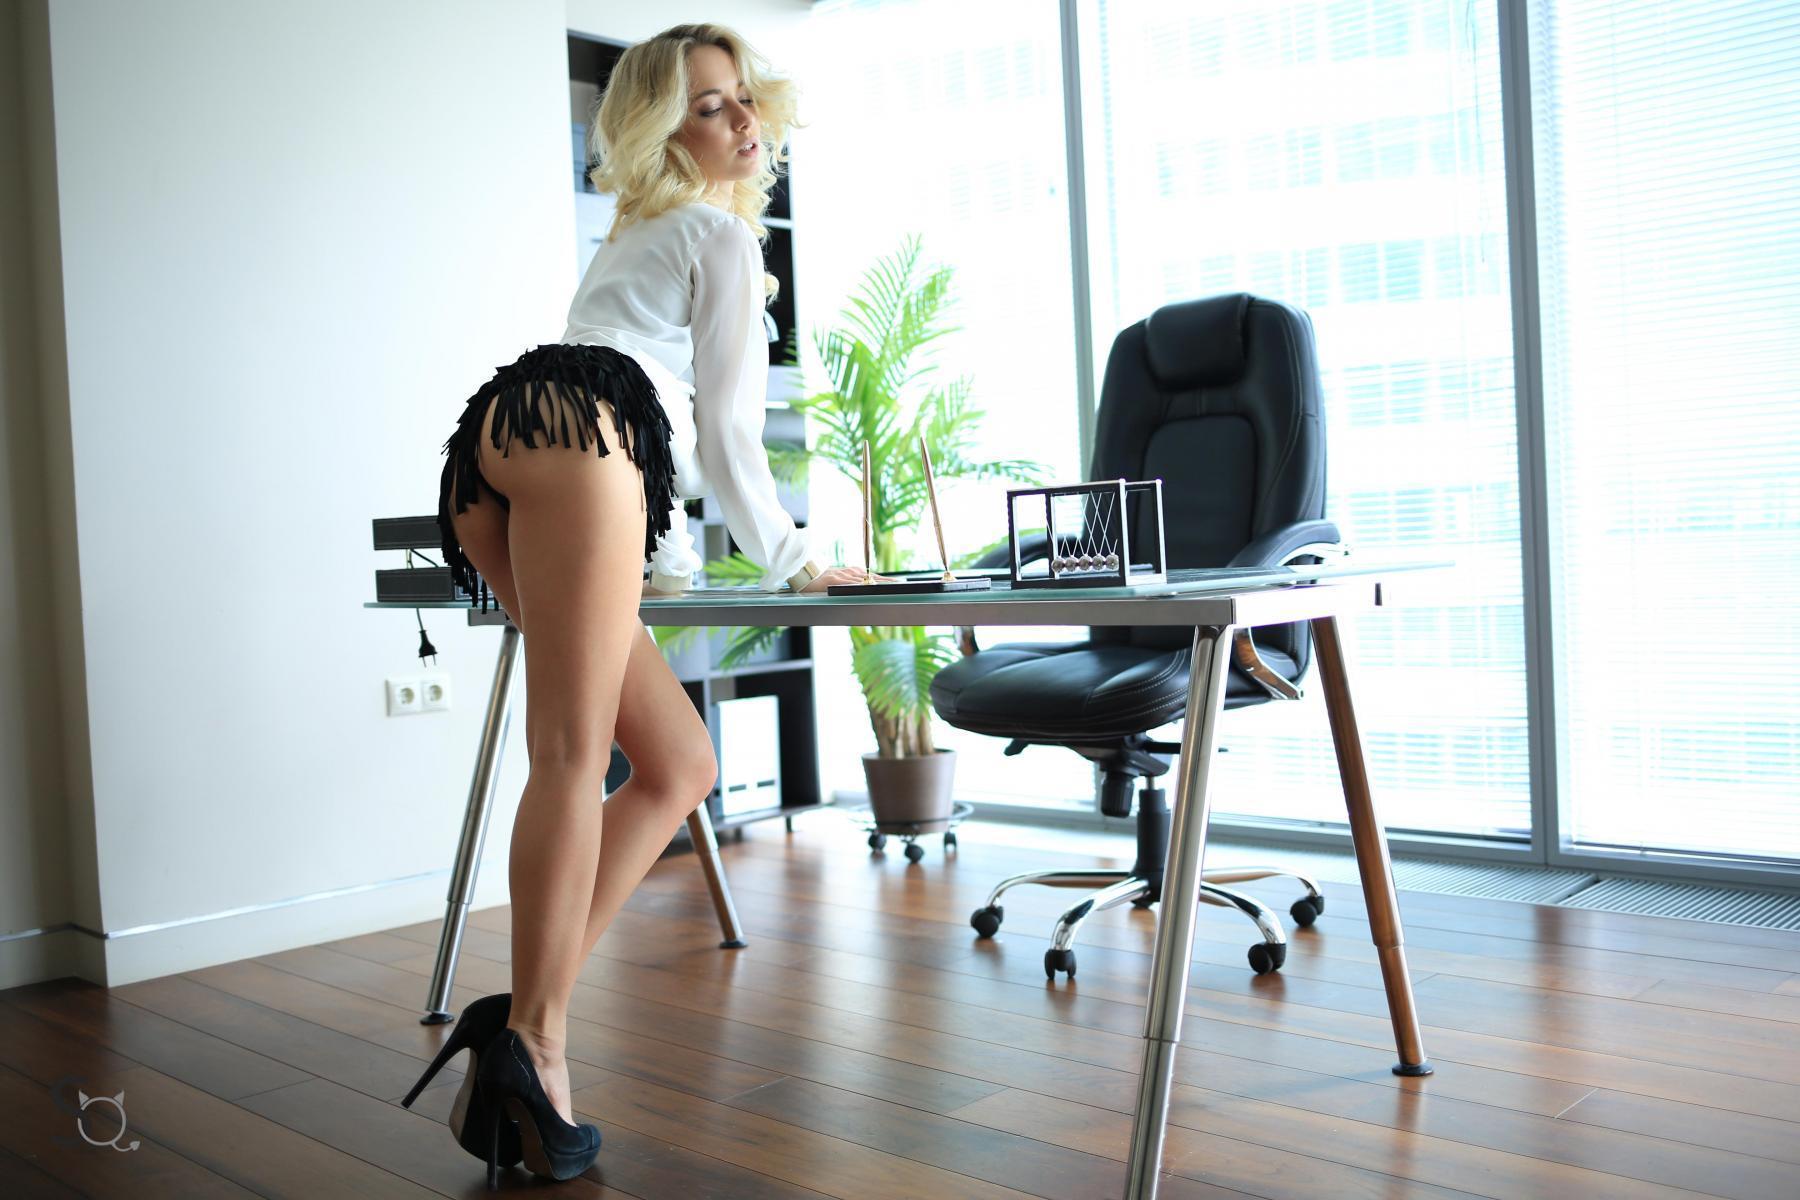 MonroQ leaning forward against her office desk-StasyQ